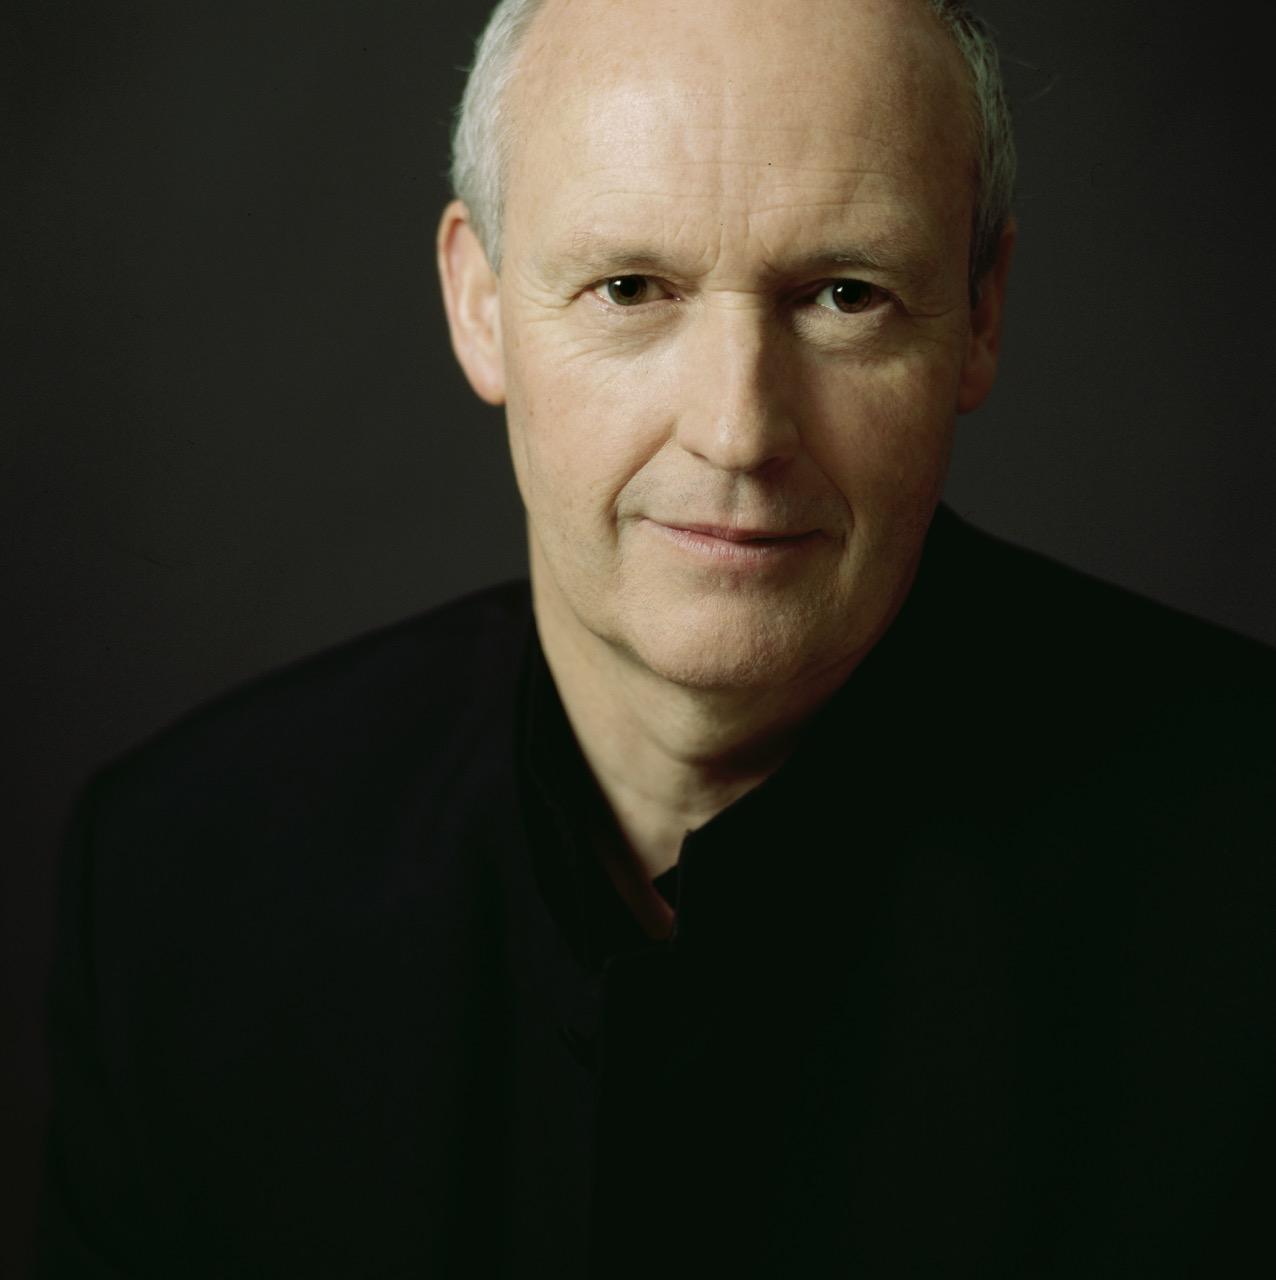 Richard Berkeley-Steele